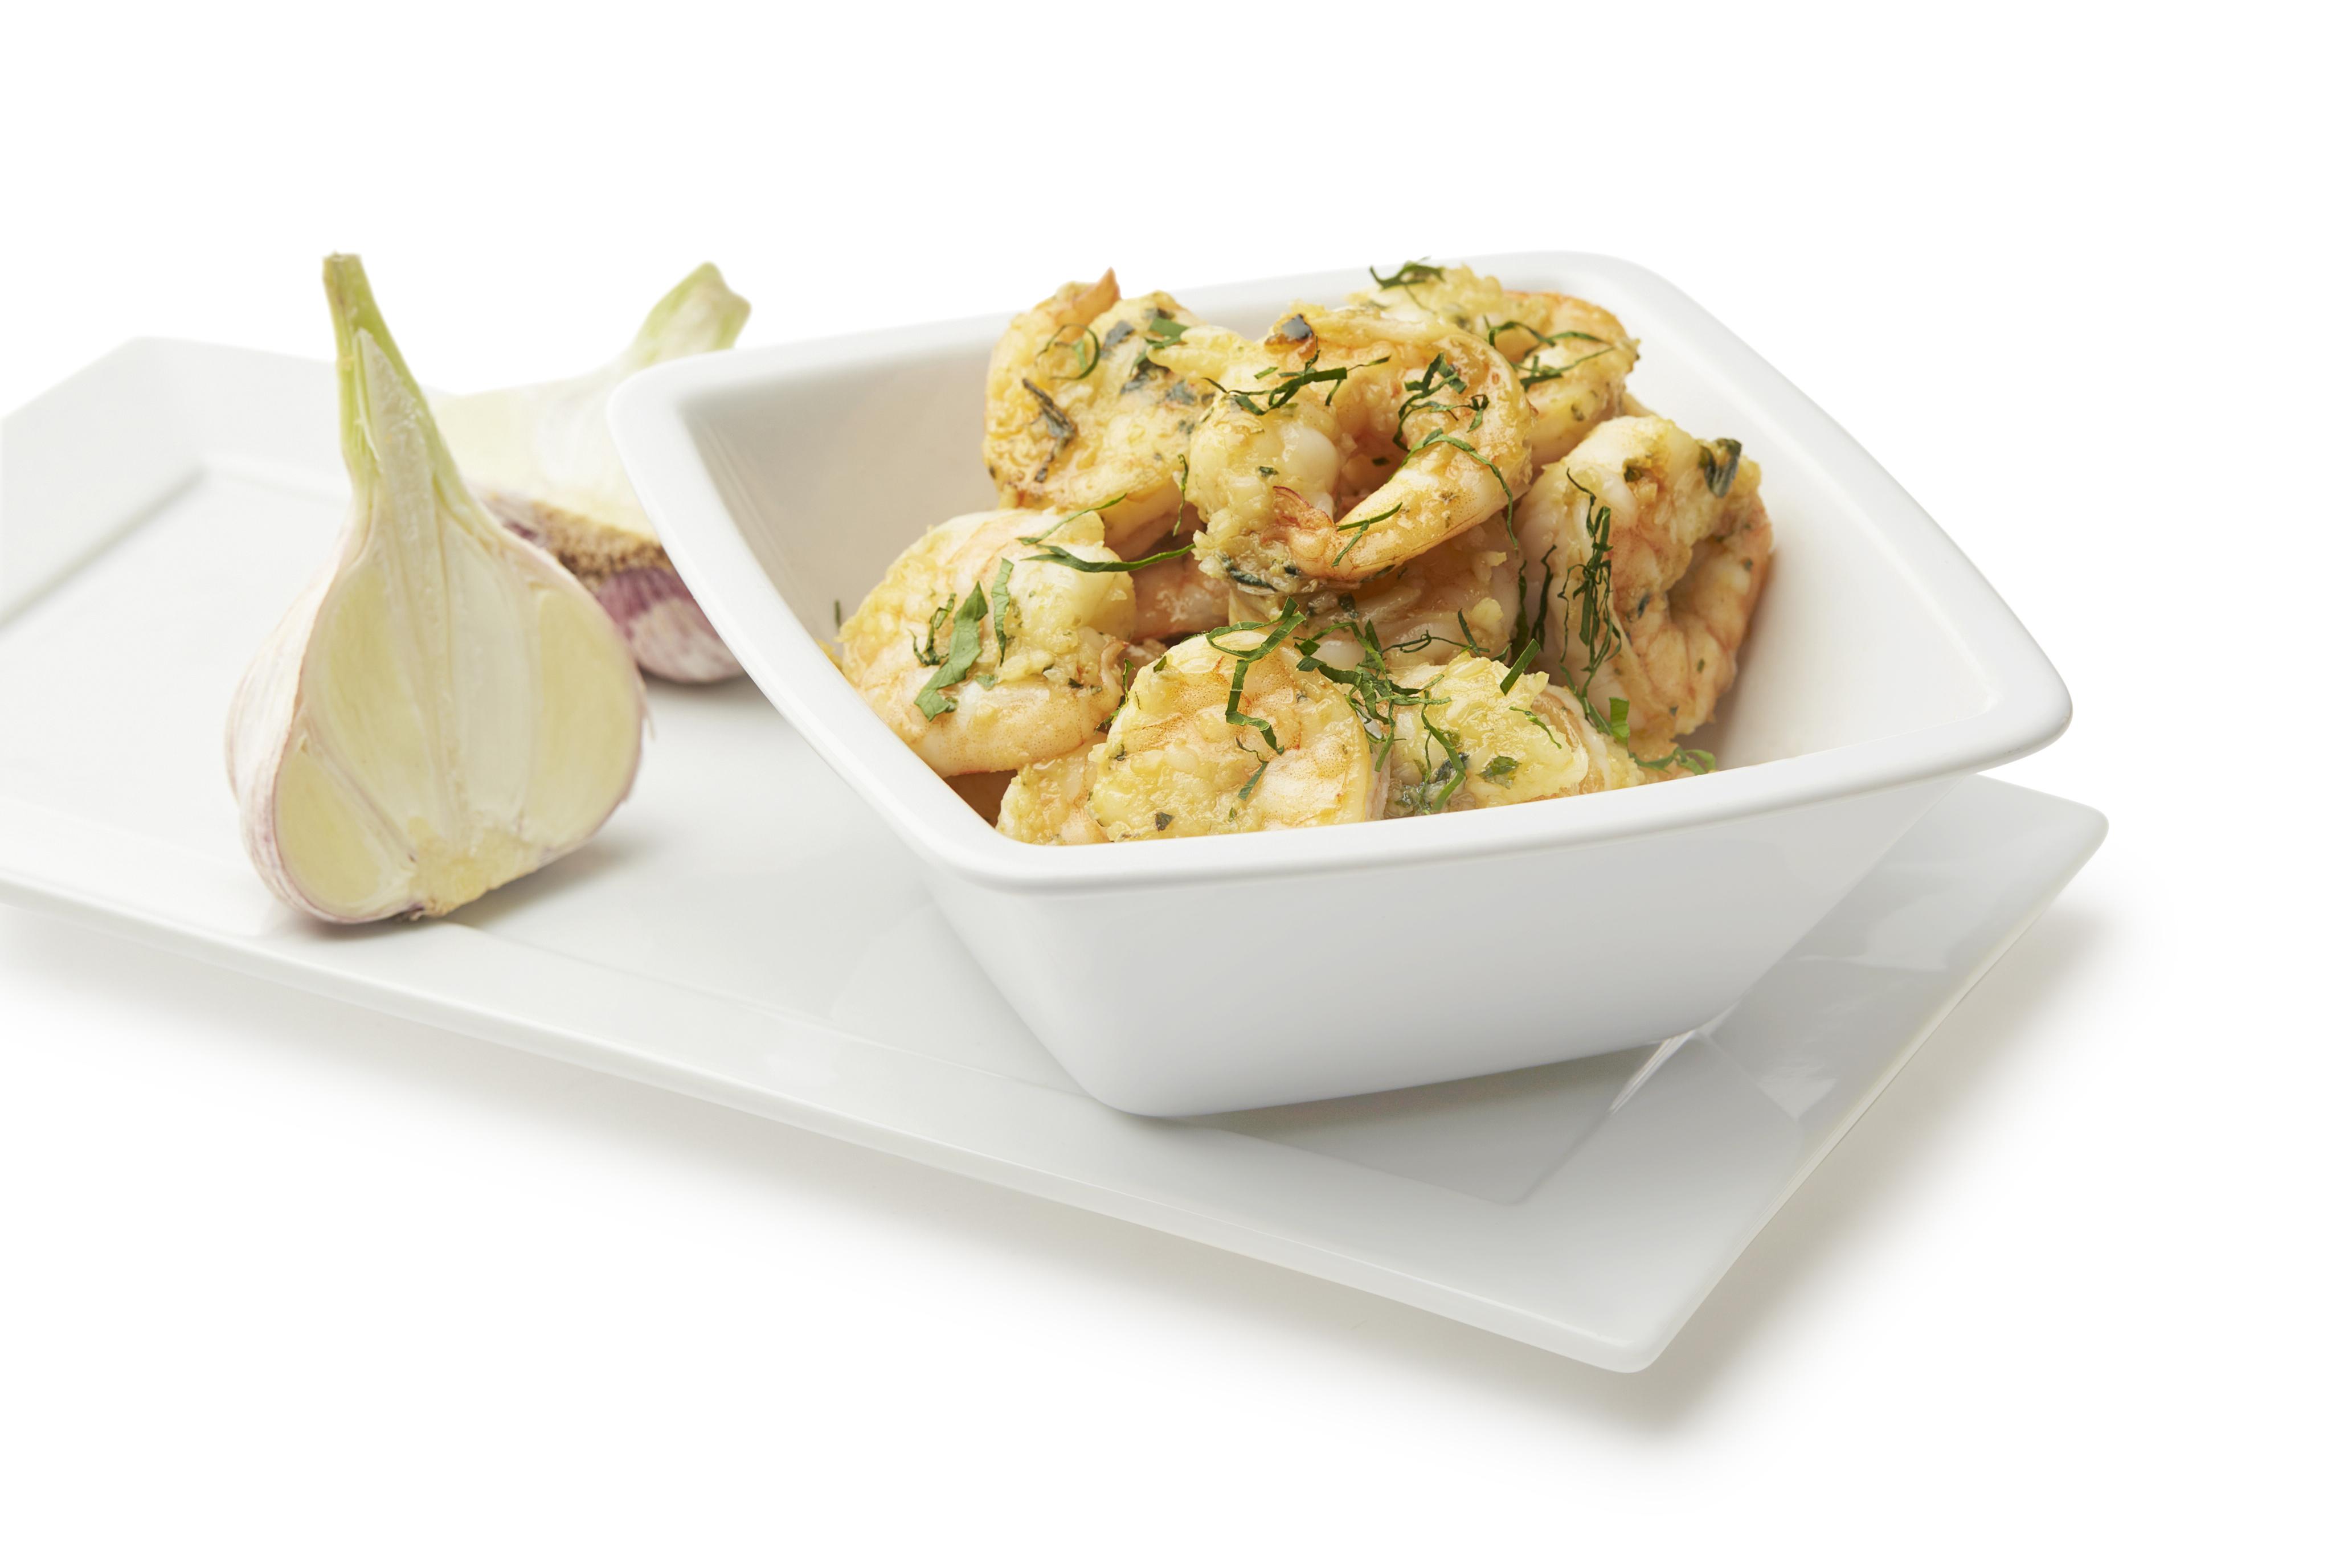 GarlicGlobal-Seafoods-150923-26